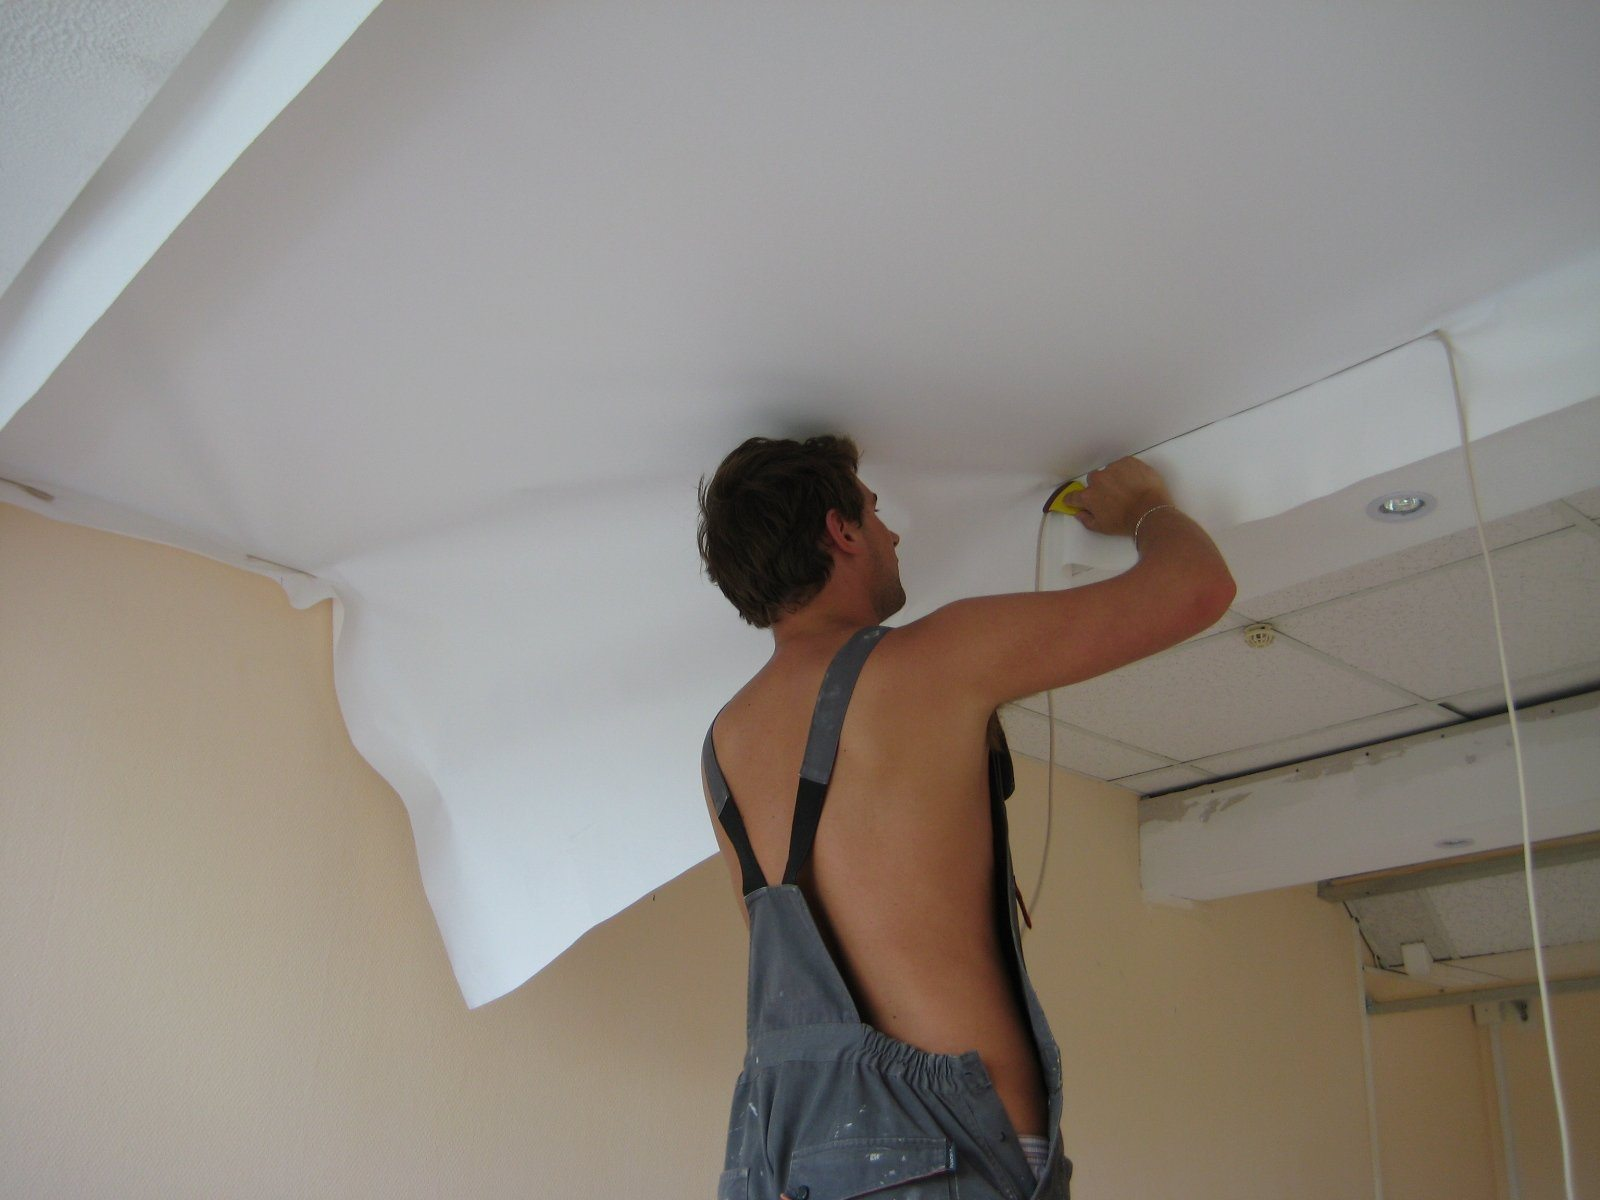 Ремонт натяжных потолков после пореза своими руками (20 фото) 10